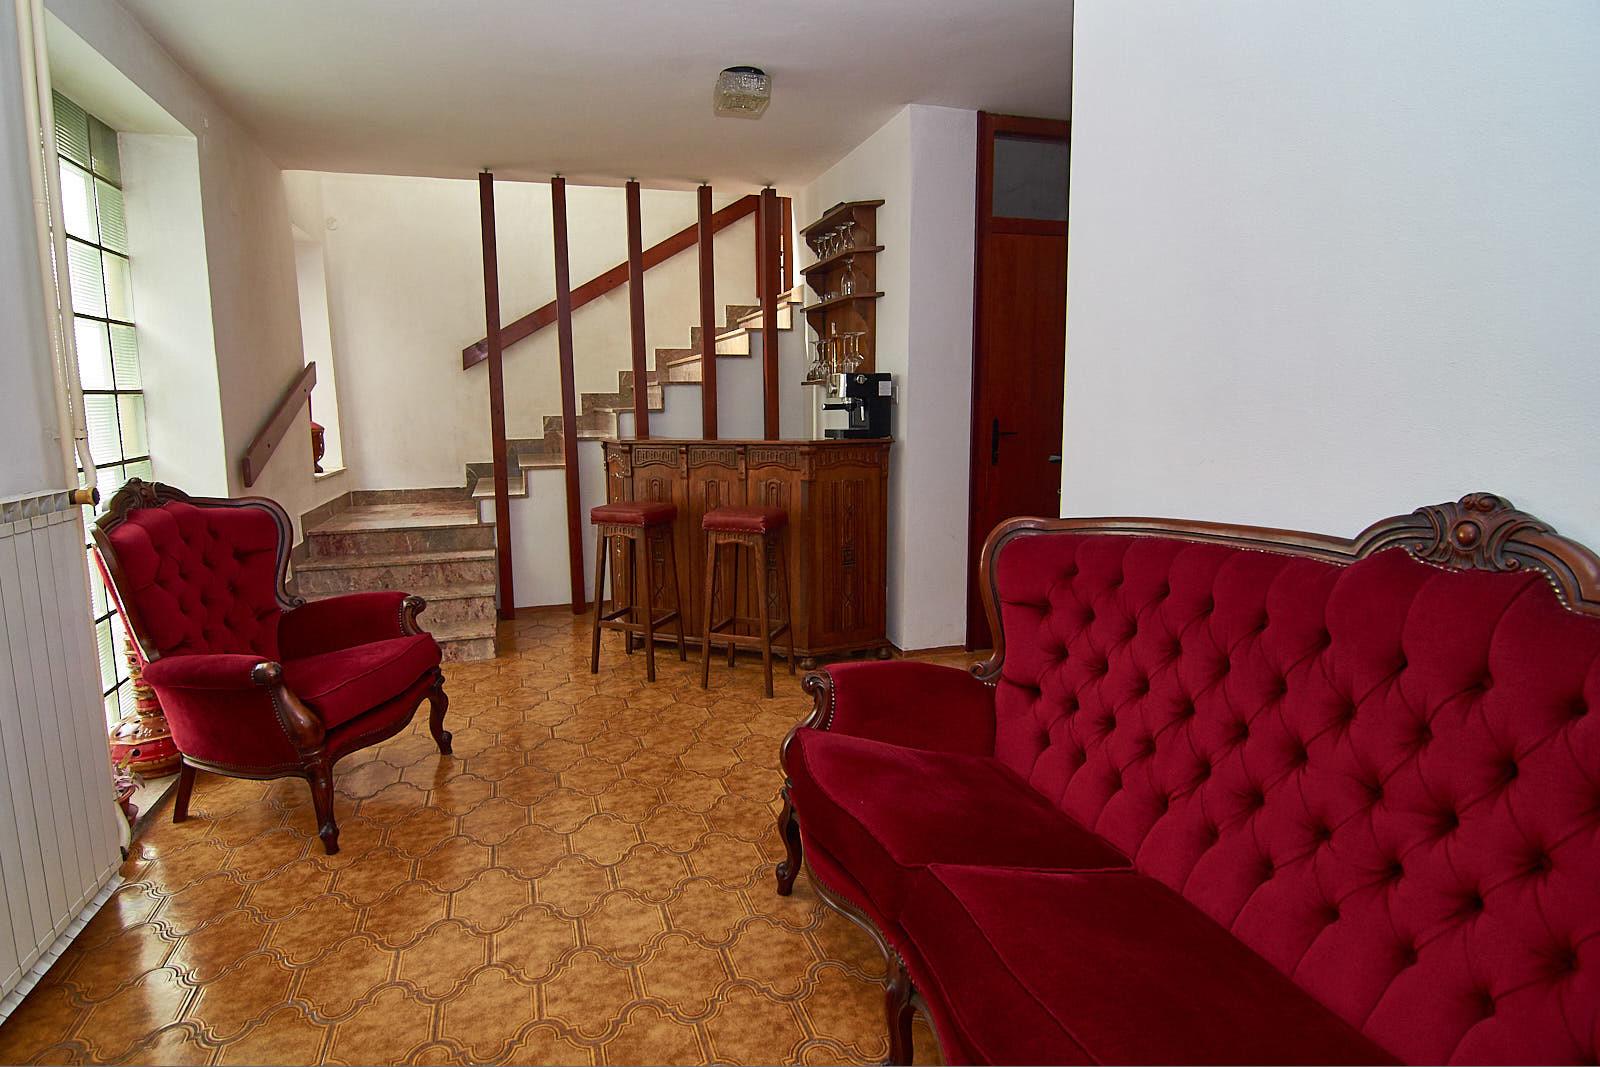 emona-apartments-f36feb7bfa6088ec739f7e1a51d20307